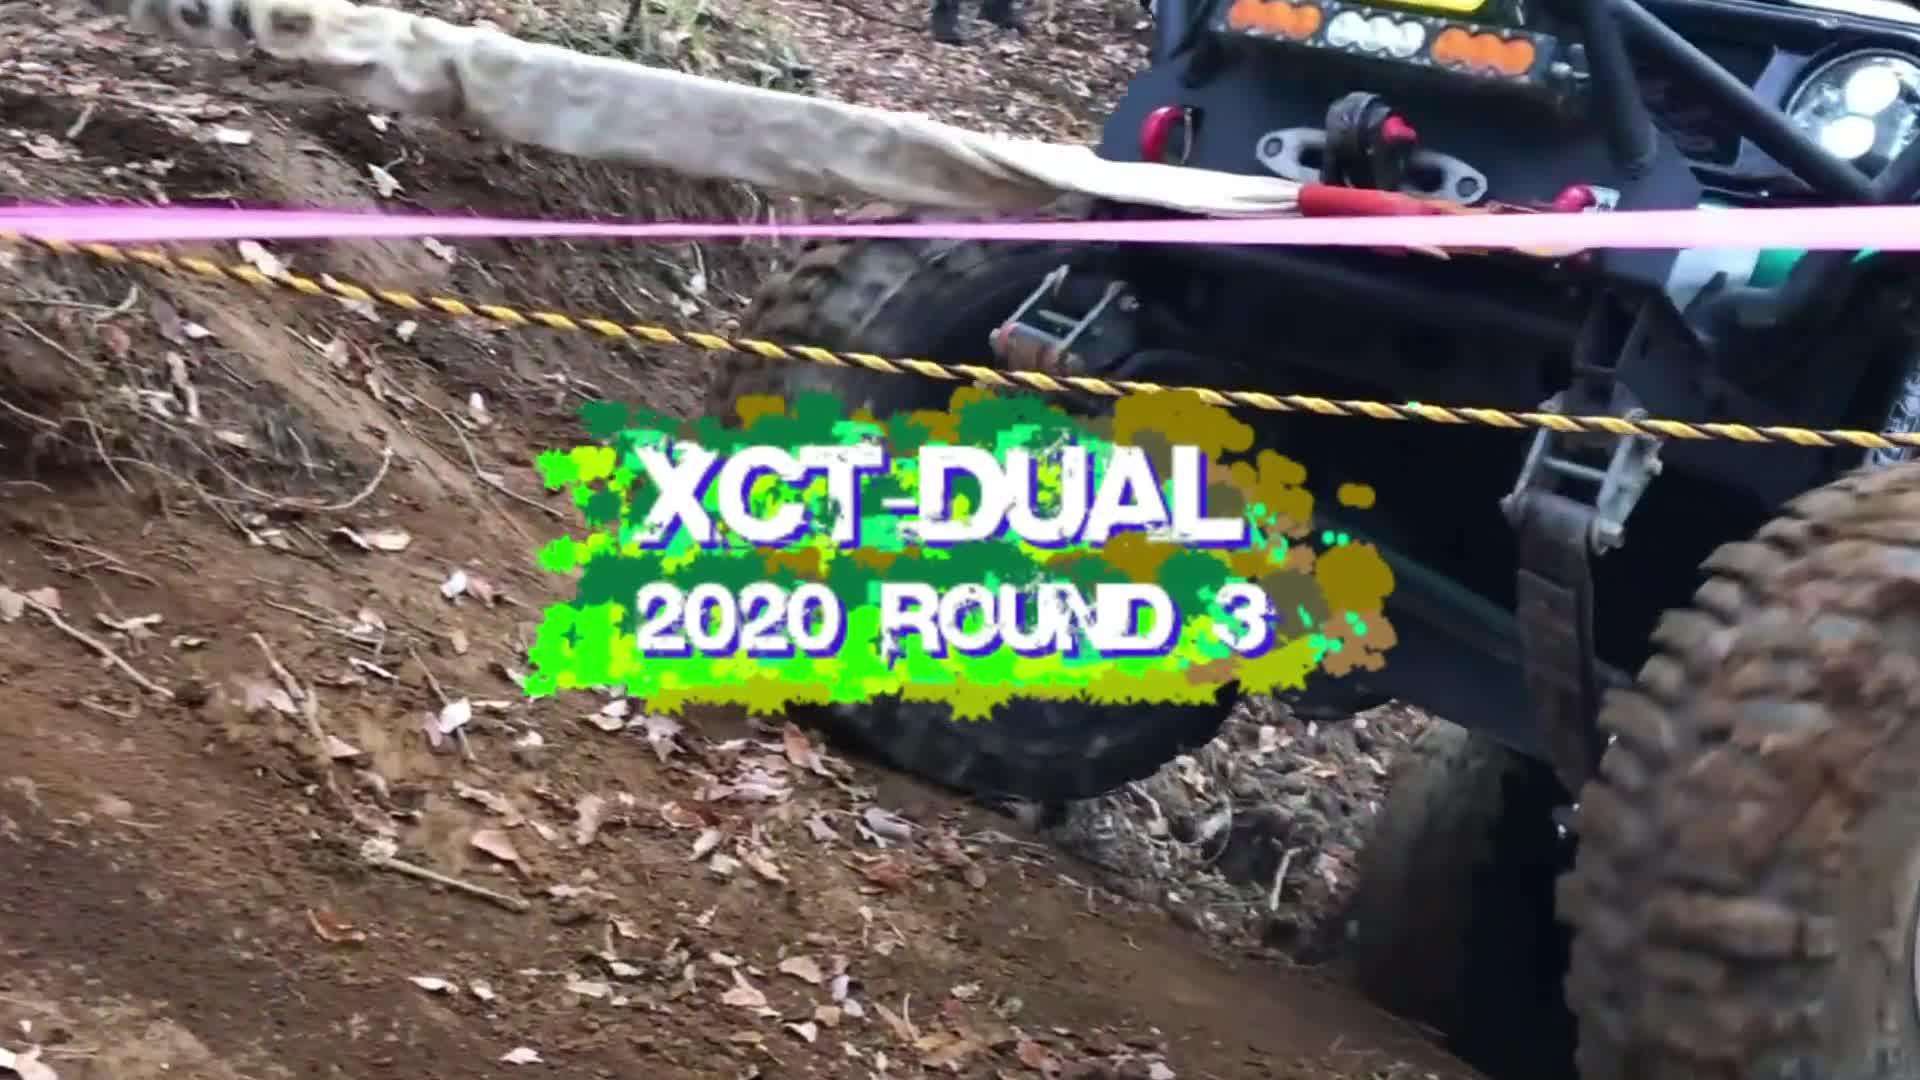 XCT-dual2020R3